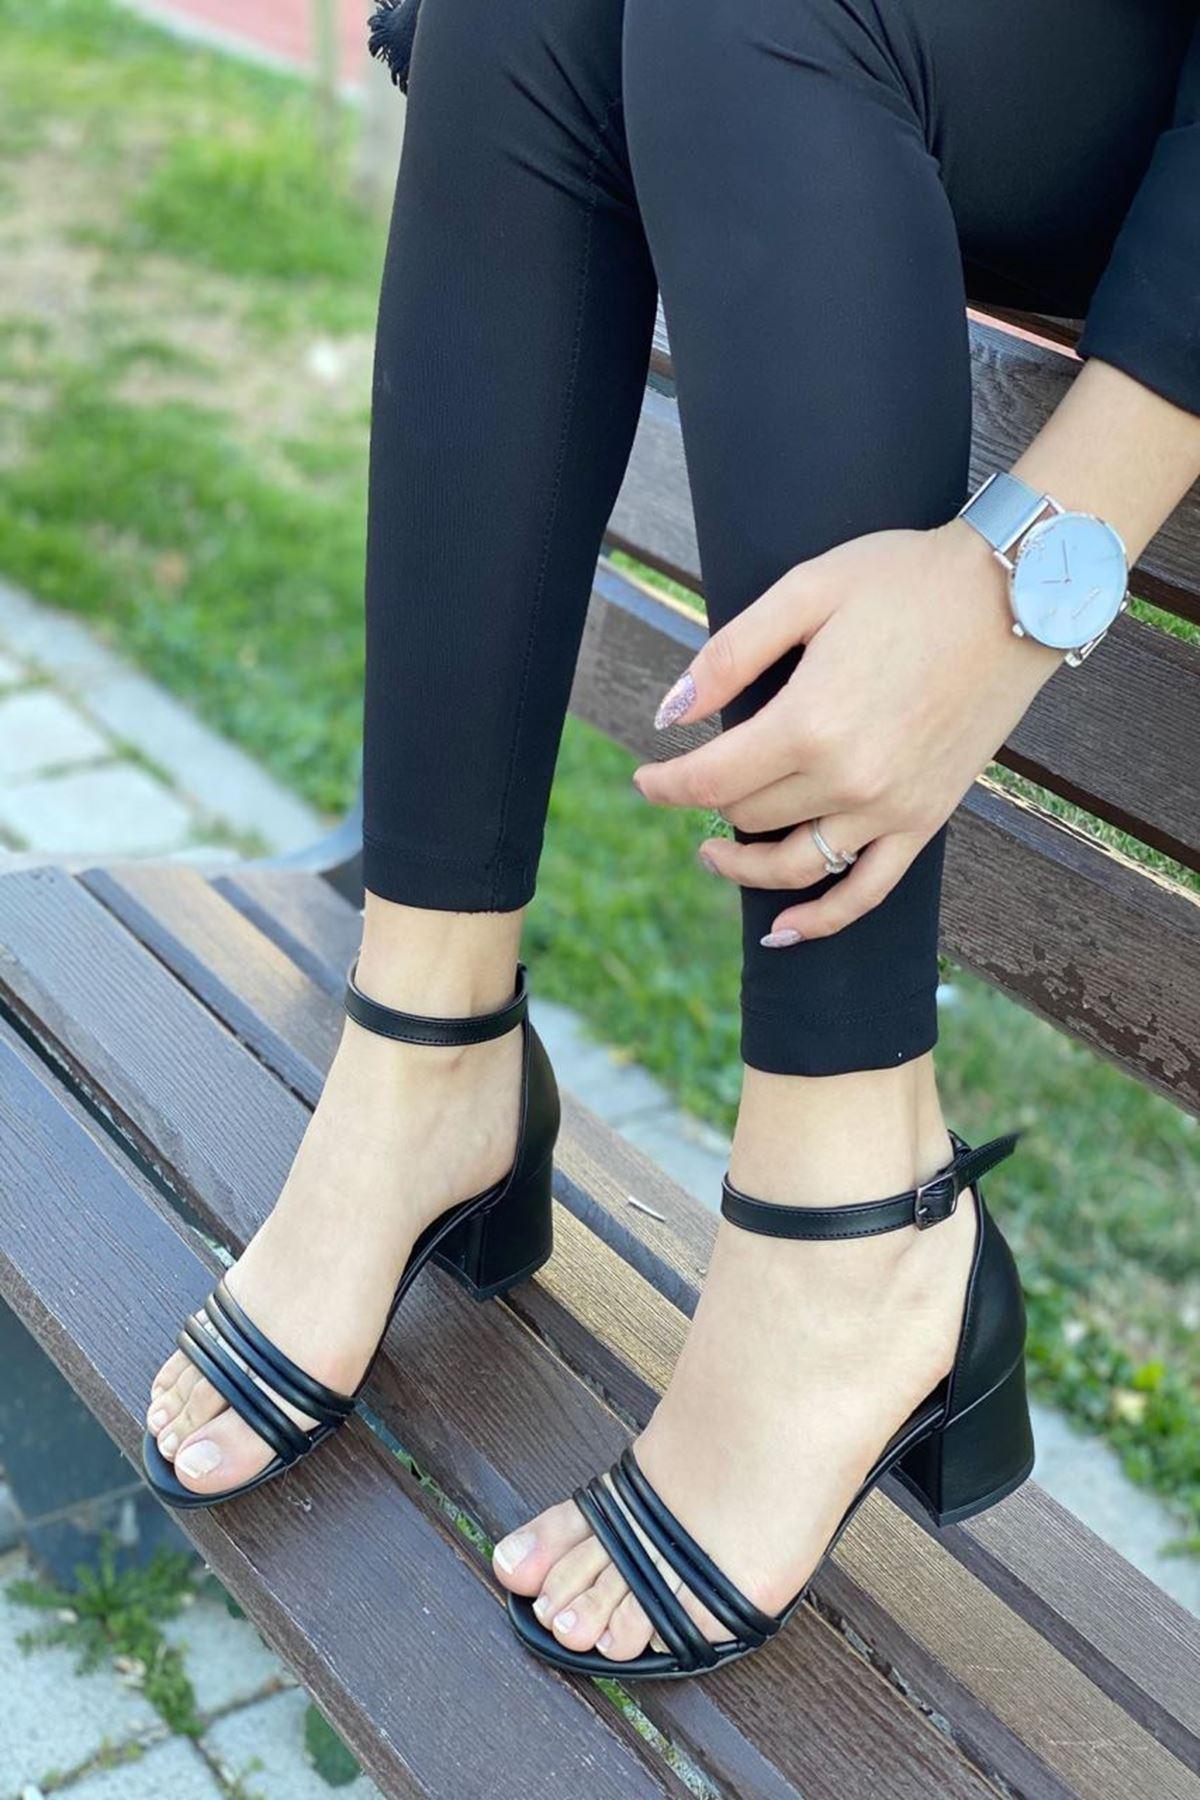 Kadın Natin Mat Deri Siyah Hafif Topuklu Ayakkabı